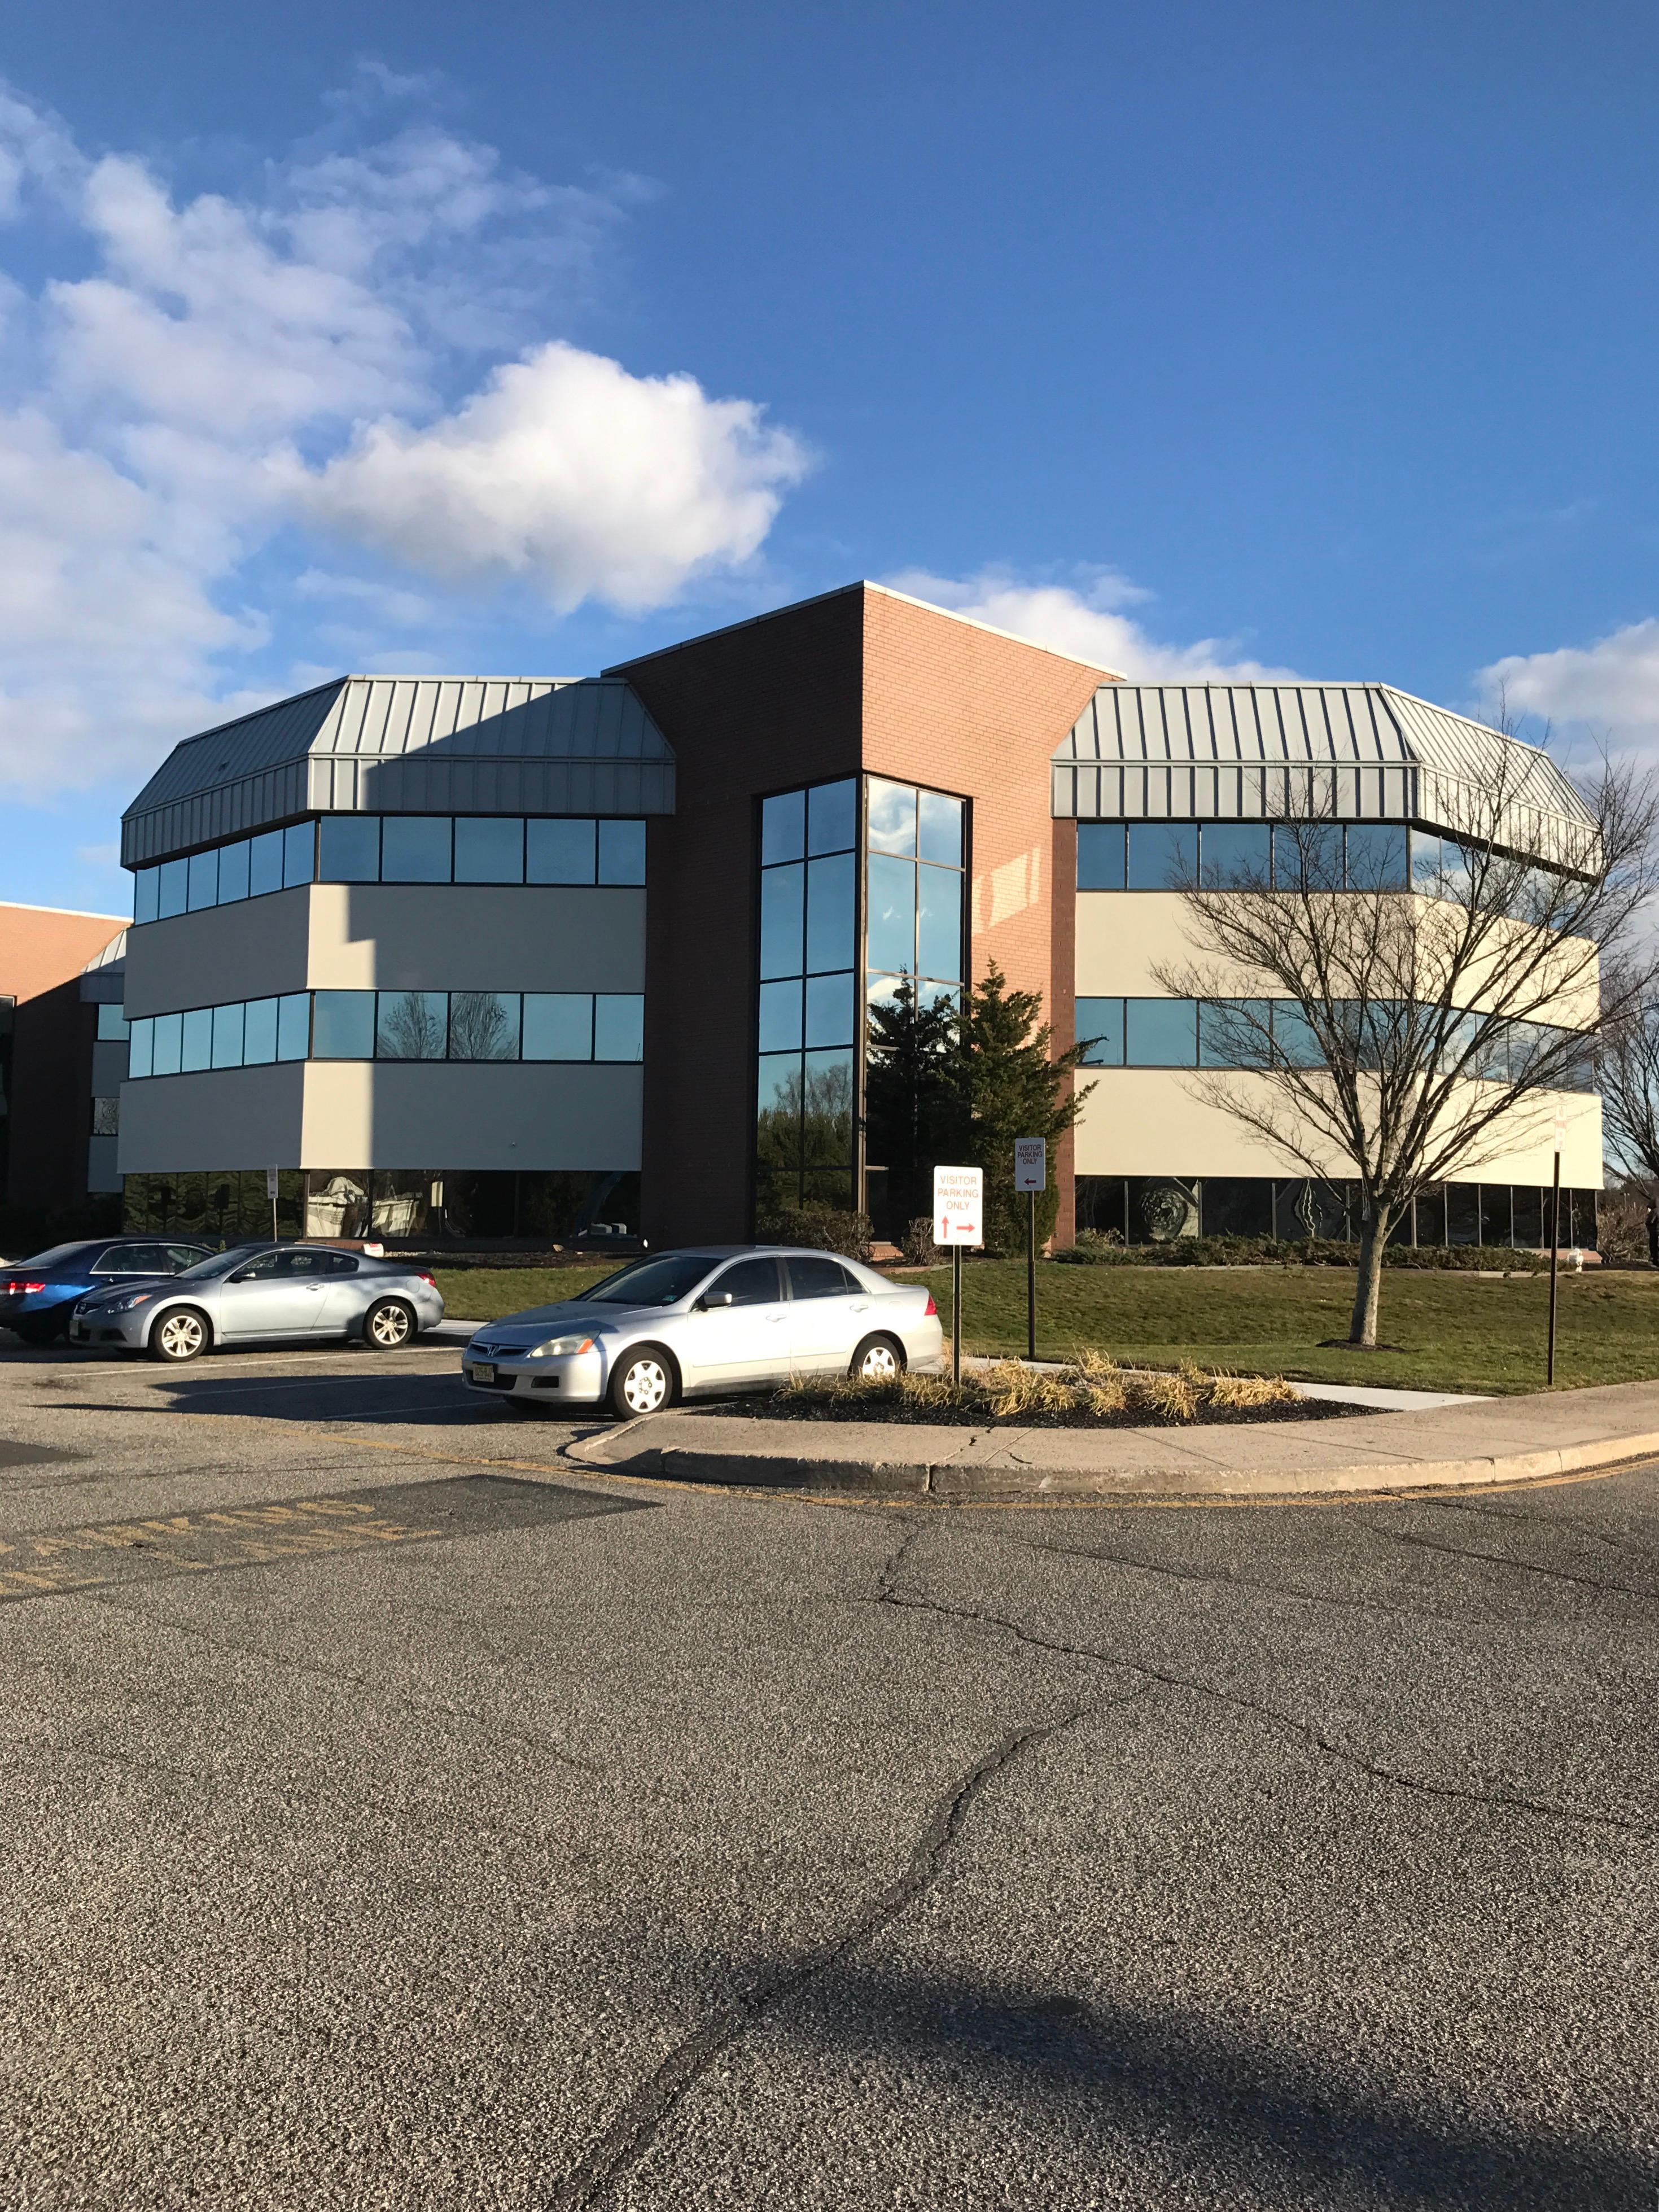 Thunder Contractor llc - Newark, NJ 07105 - (973)573-5885 | ShowMeLocal.com